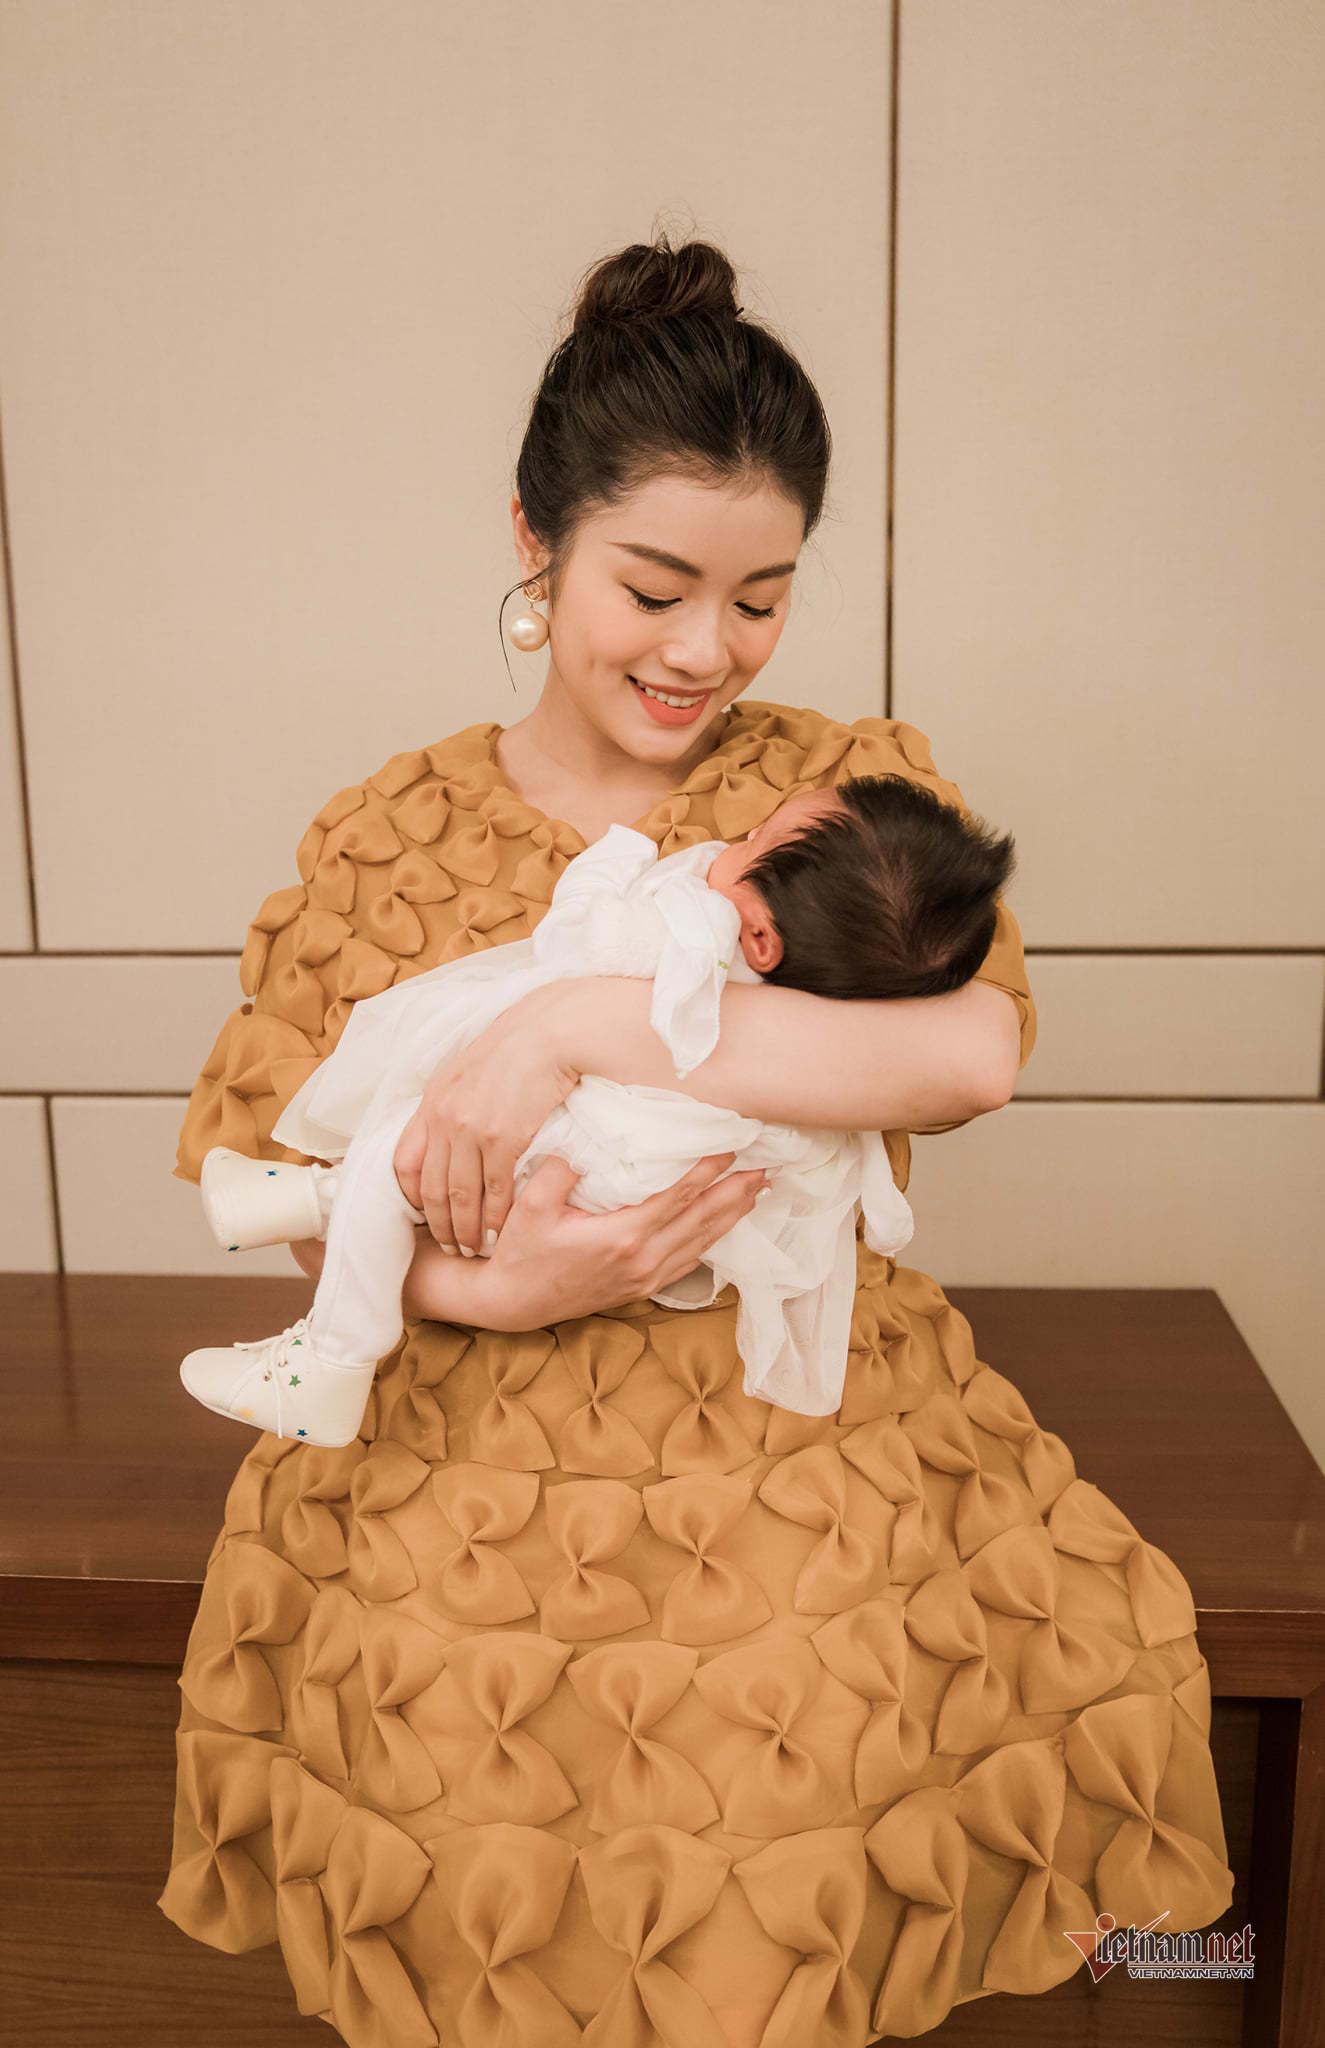 Sao mai Thu Hằng bất ngờ công bố đã kết hôn và làm mẹ